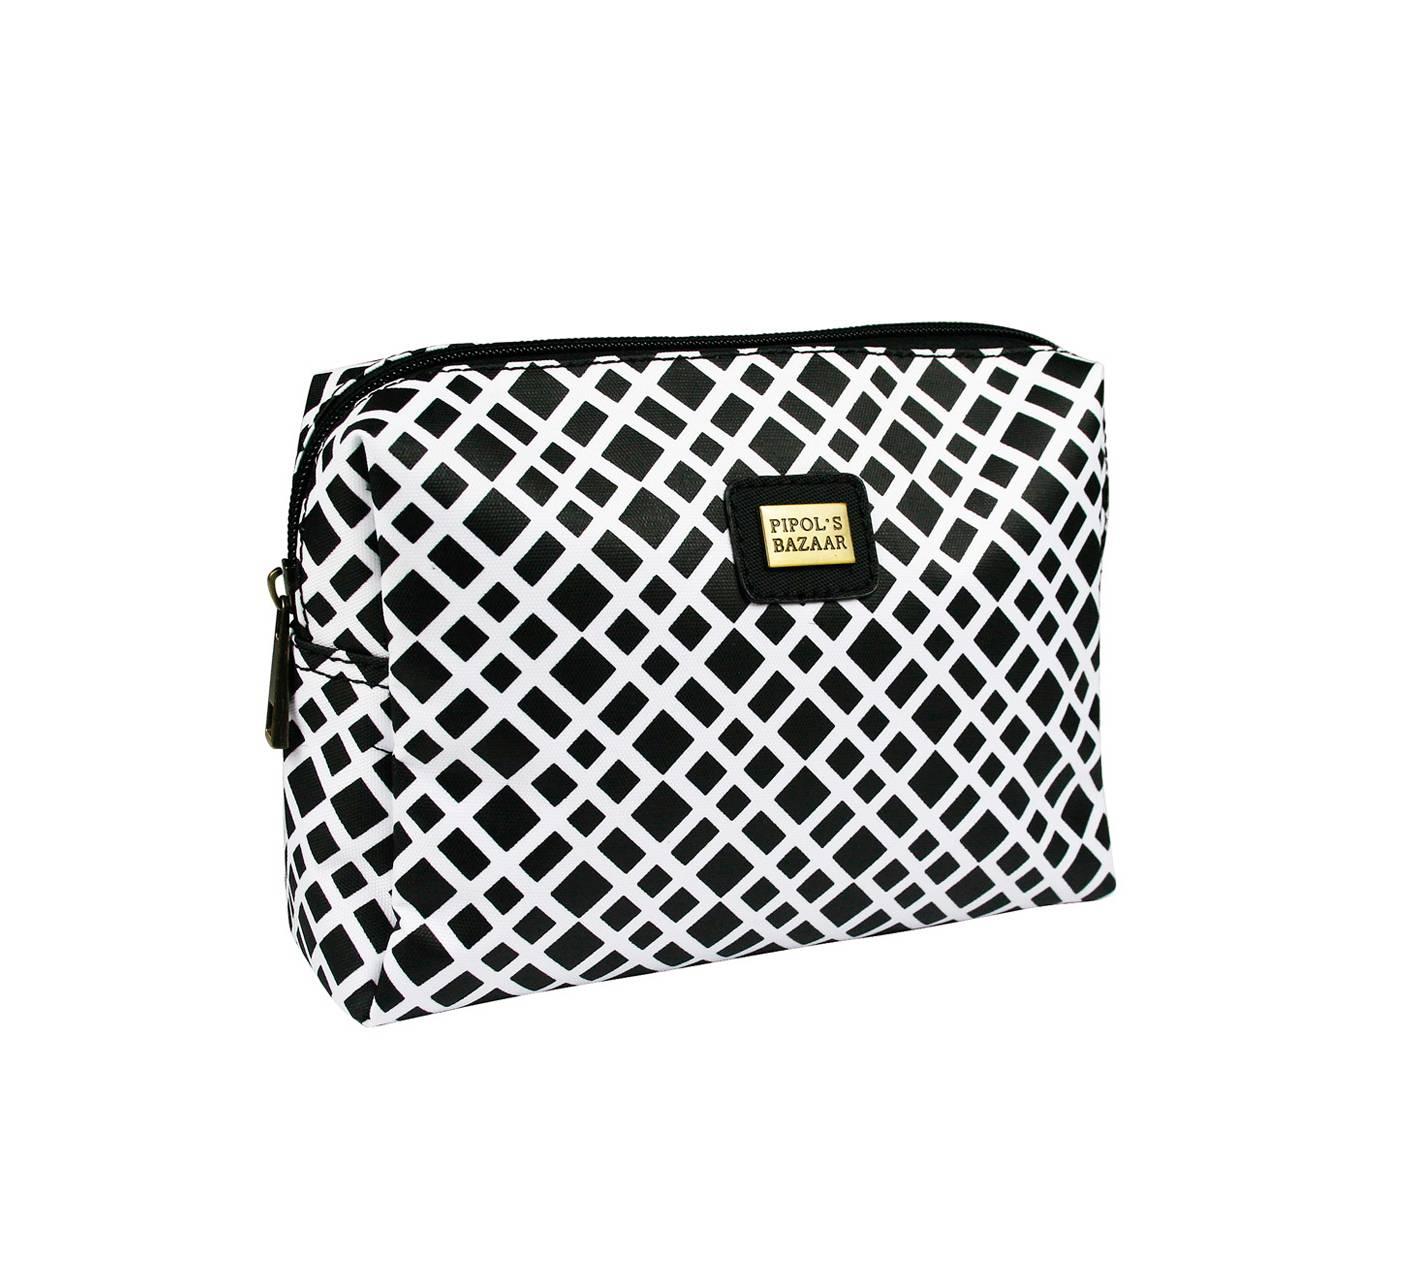 Crocetta Small Cosmetic bag black & white